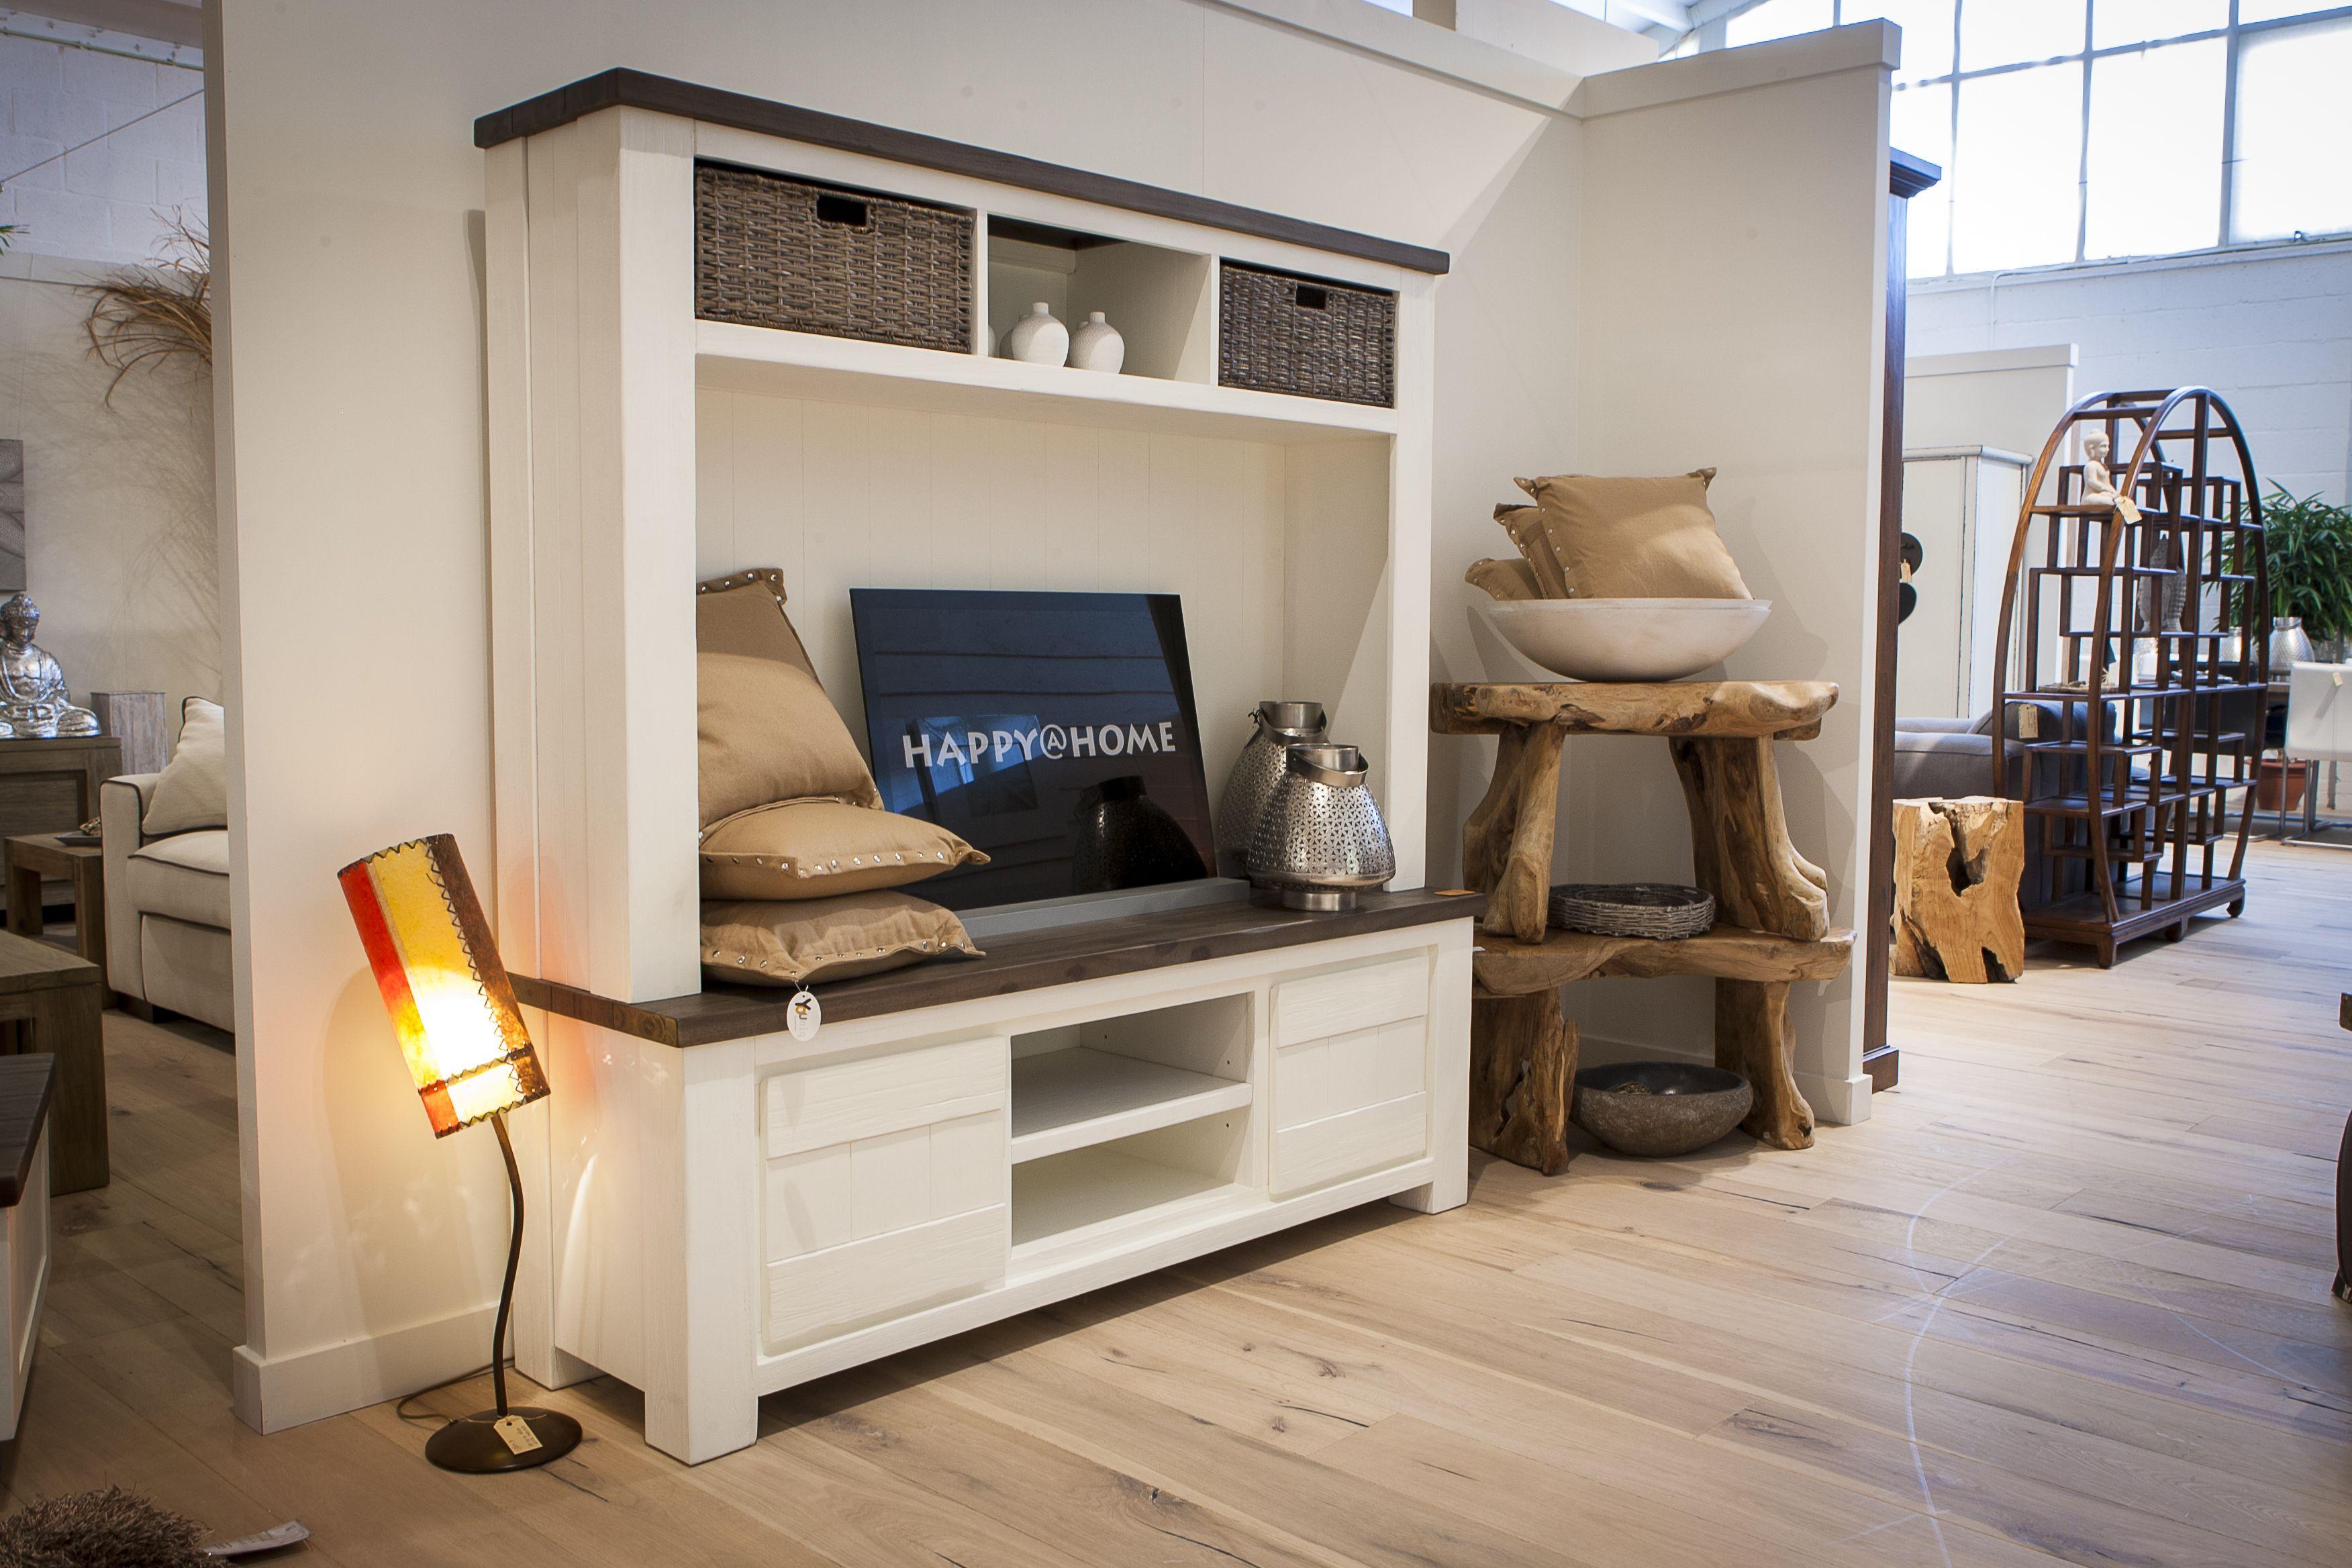 Complete Woonkamer Sets ~ Referenties op Huis Ontwerp, Interieur ...